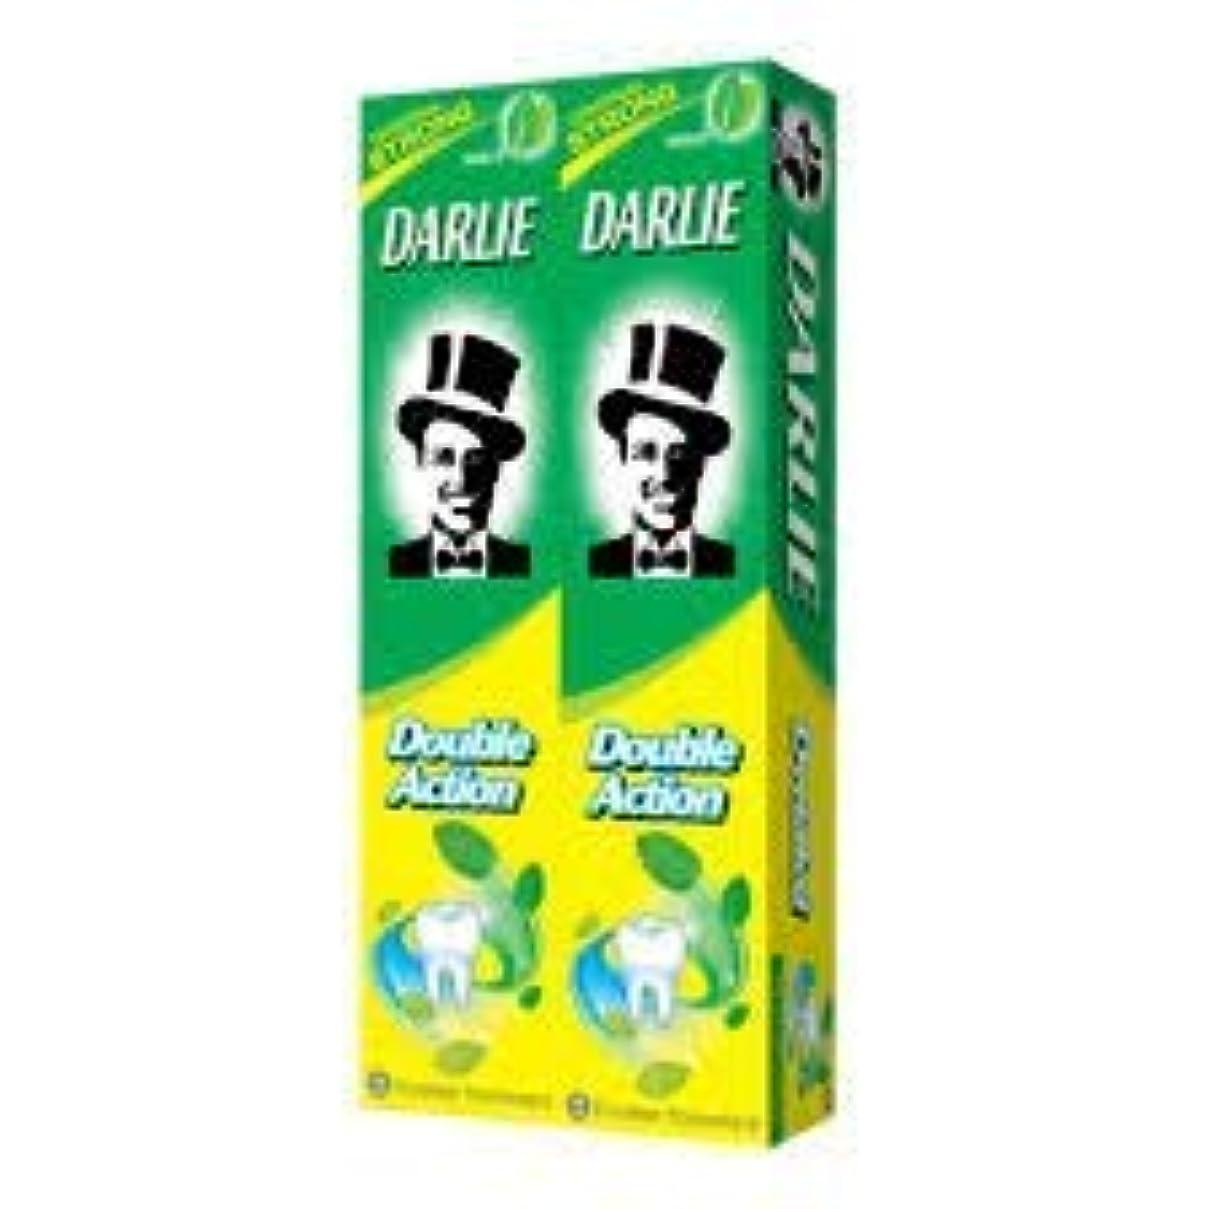 裏切り遊び場差し迫ったDARLIE 歯磨き粉2×225gの複動GWPは、より永続的な新鮮な息12時間-gives - 口腔細菌を減少させるのに有効